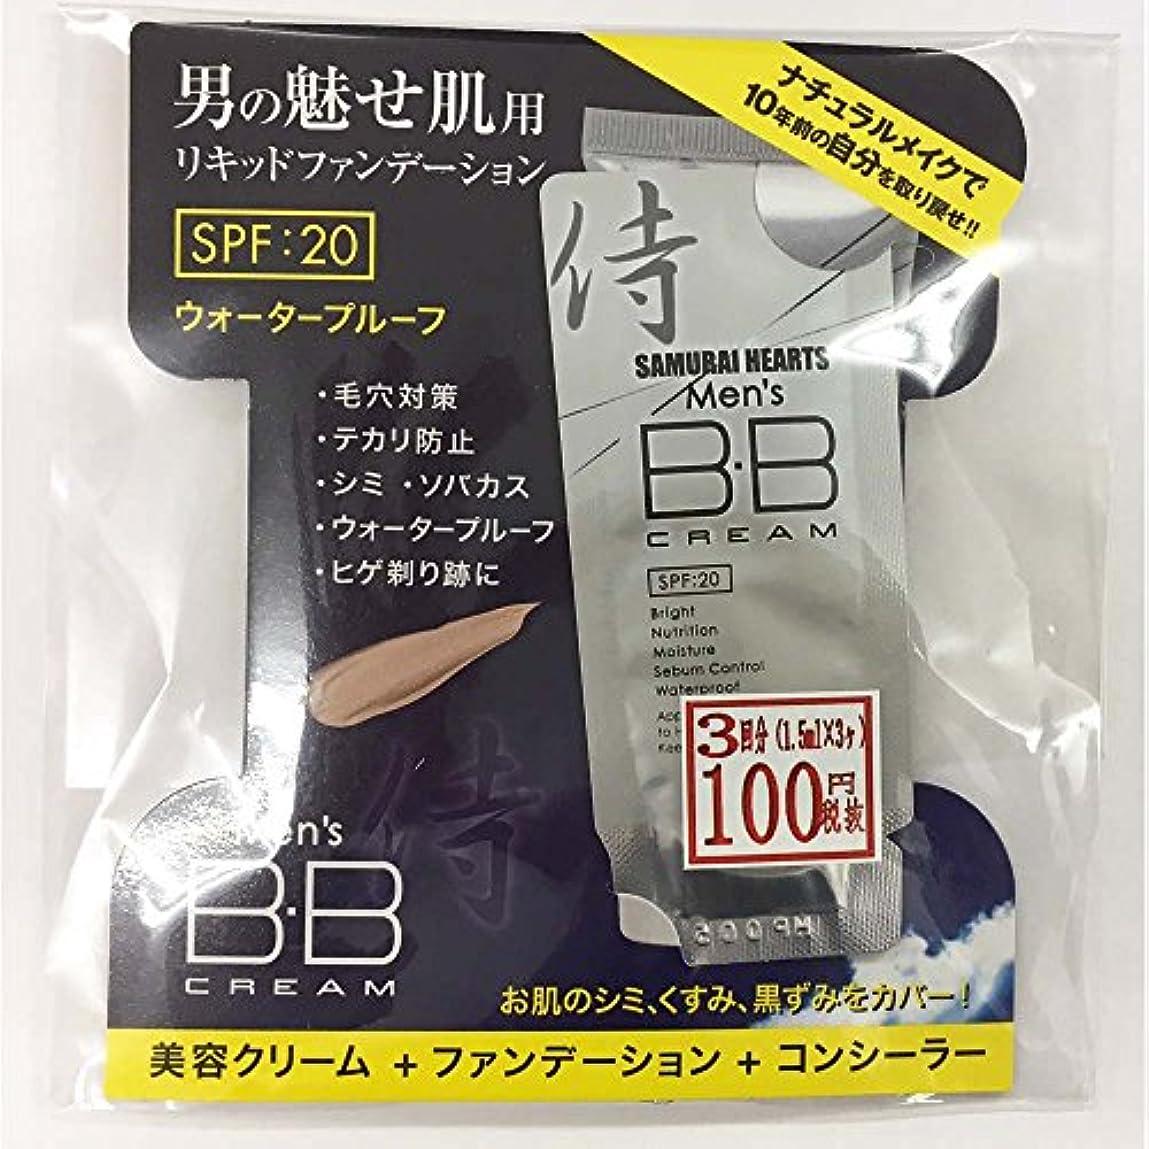 枢機卿費用仕方サムライハーツ BBクリーム SPF20 パウチ1.5ml 3枚入 お試し用